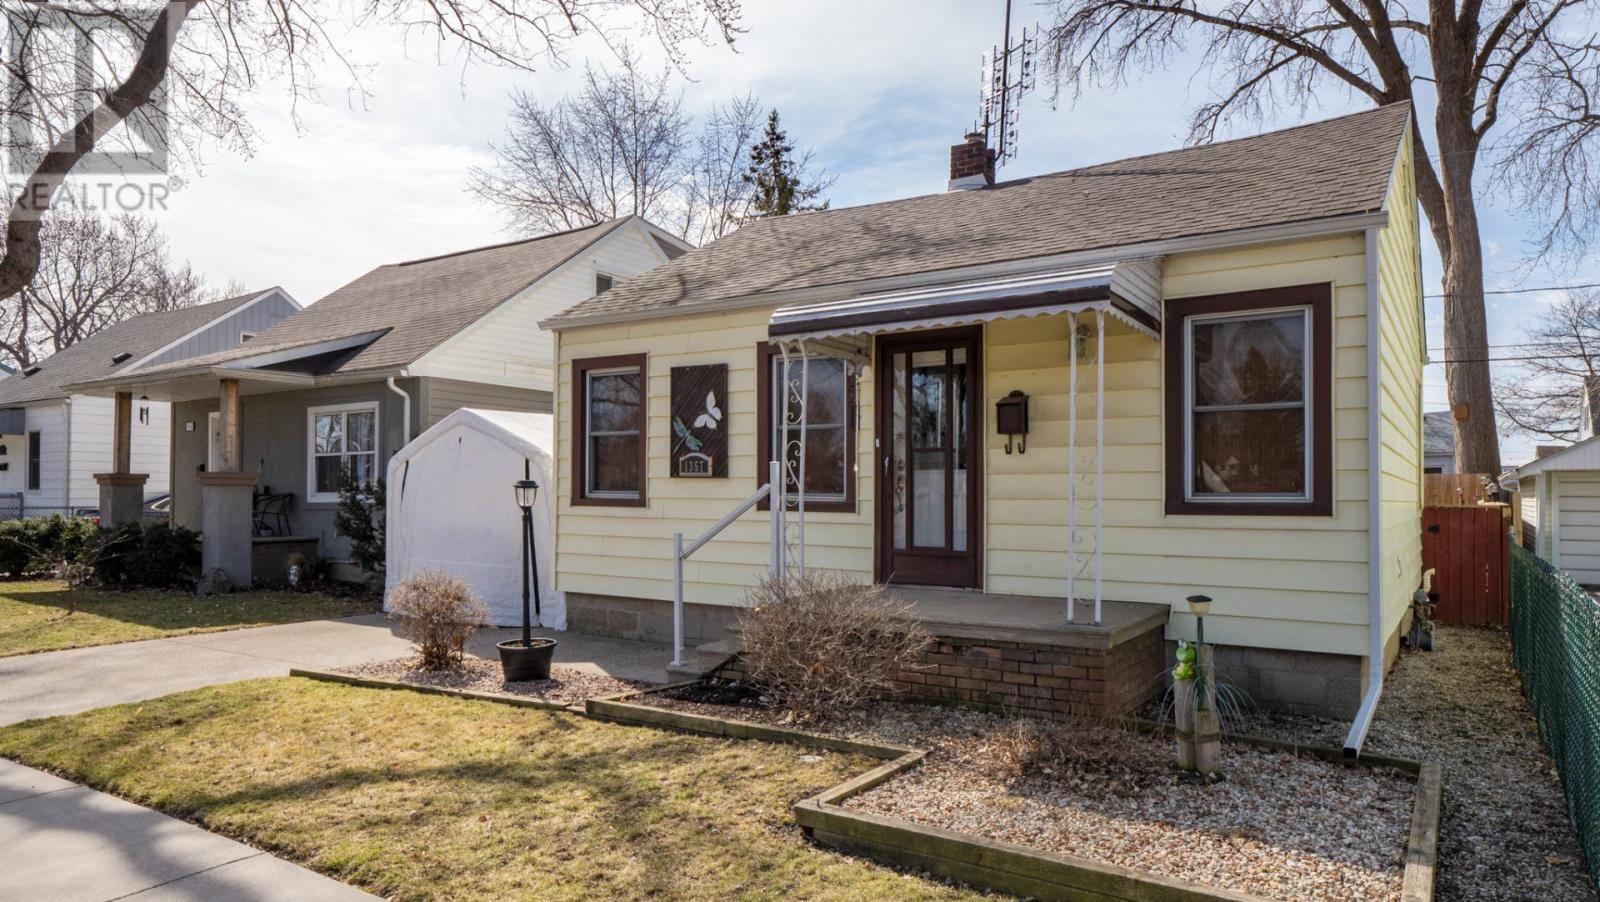 House for sale at 1357 Labadie Rd Windsor Ontario - MLS: 20003922